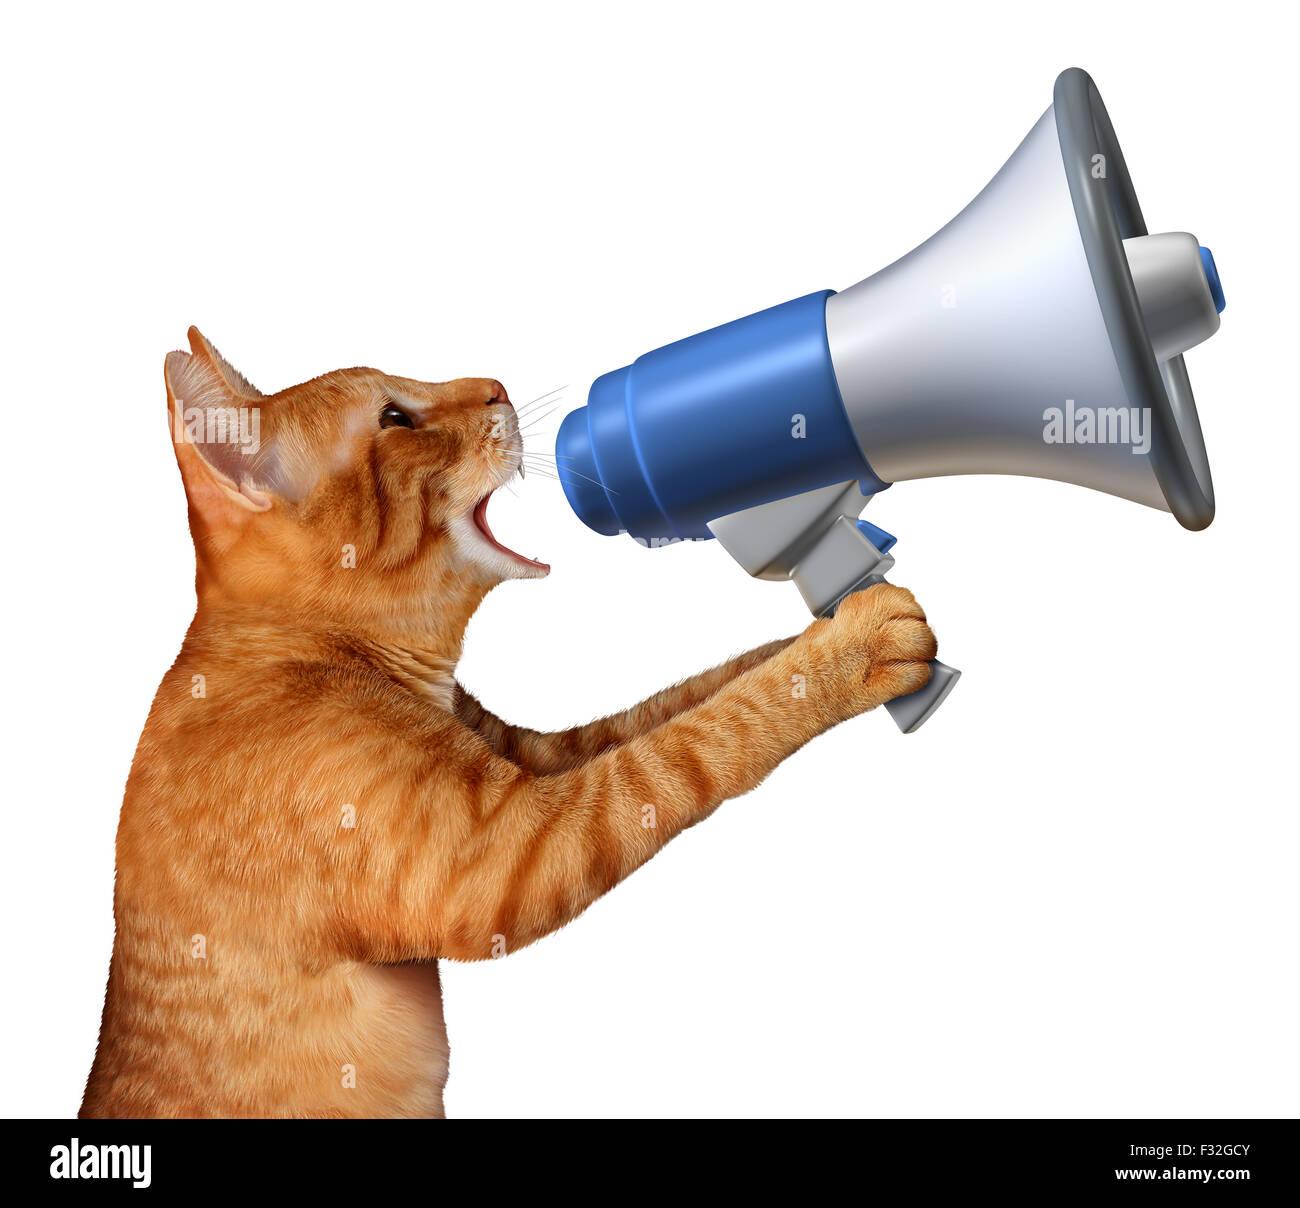 Annonce chat concept comme un félin générique tenant un porte-voix ou porte-voix pour annoncer des Photo Stock